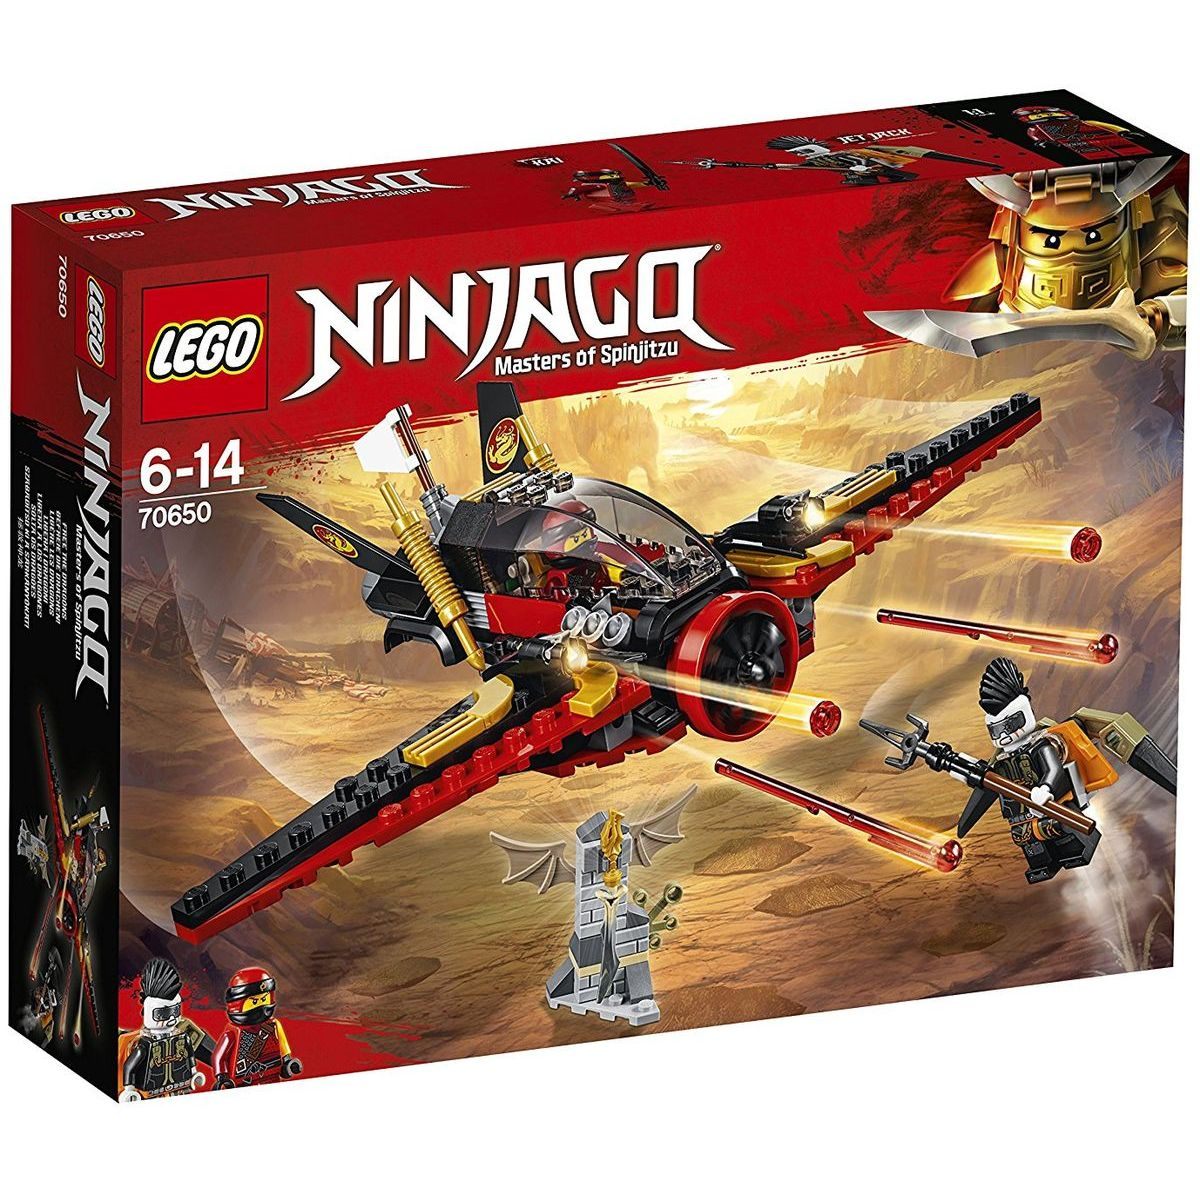 LEGO Ninjago 70650 Křídlo osudu - Poškozený obal